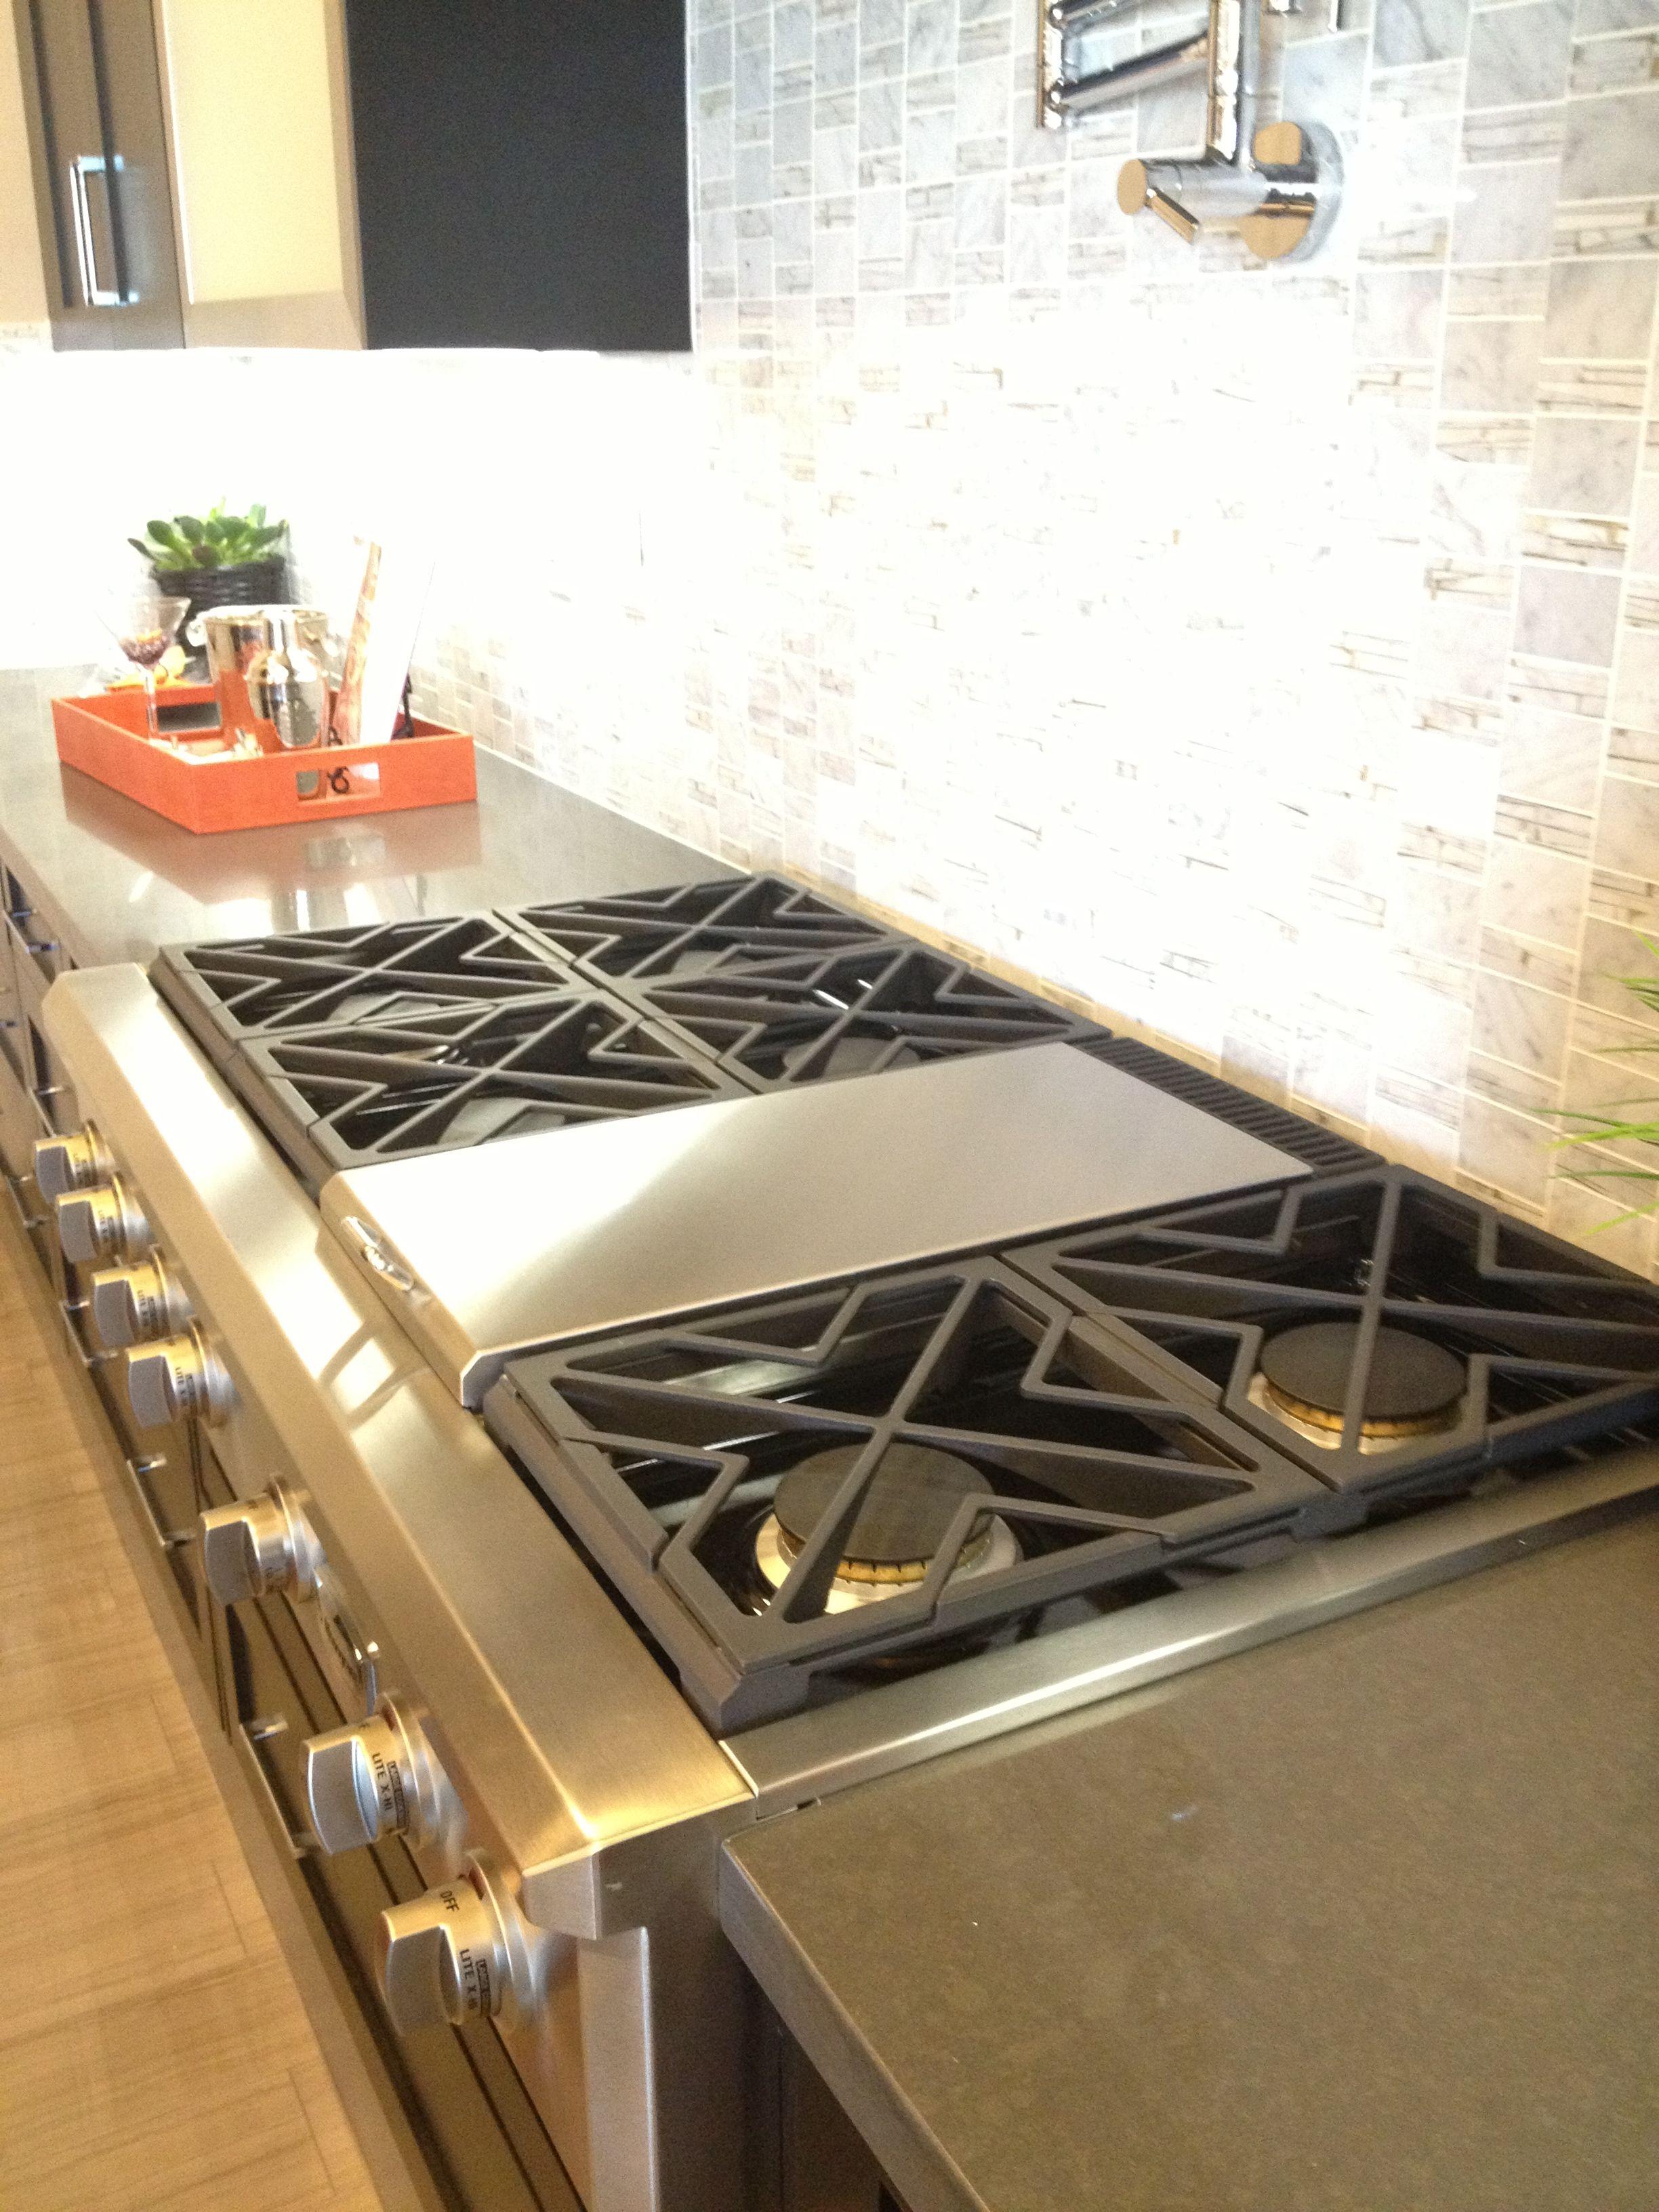 Srt486g 6 Burners Griddle 4 815 6 Burner Gas Range Top W Built In Griddle Joe We Need This F Outdoor Kitchen Appliances Outdoor Kitchen Kitchen Design